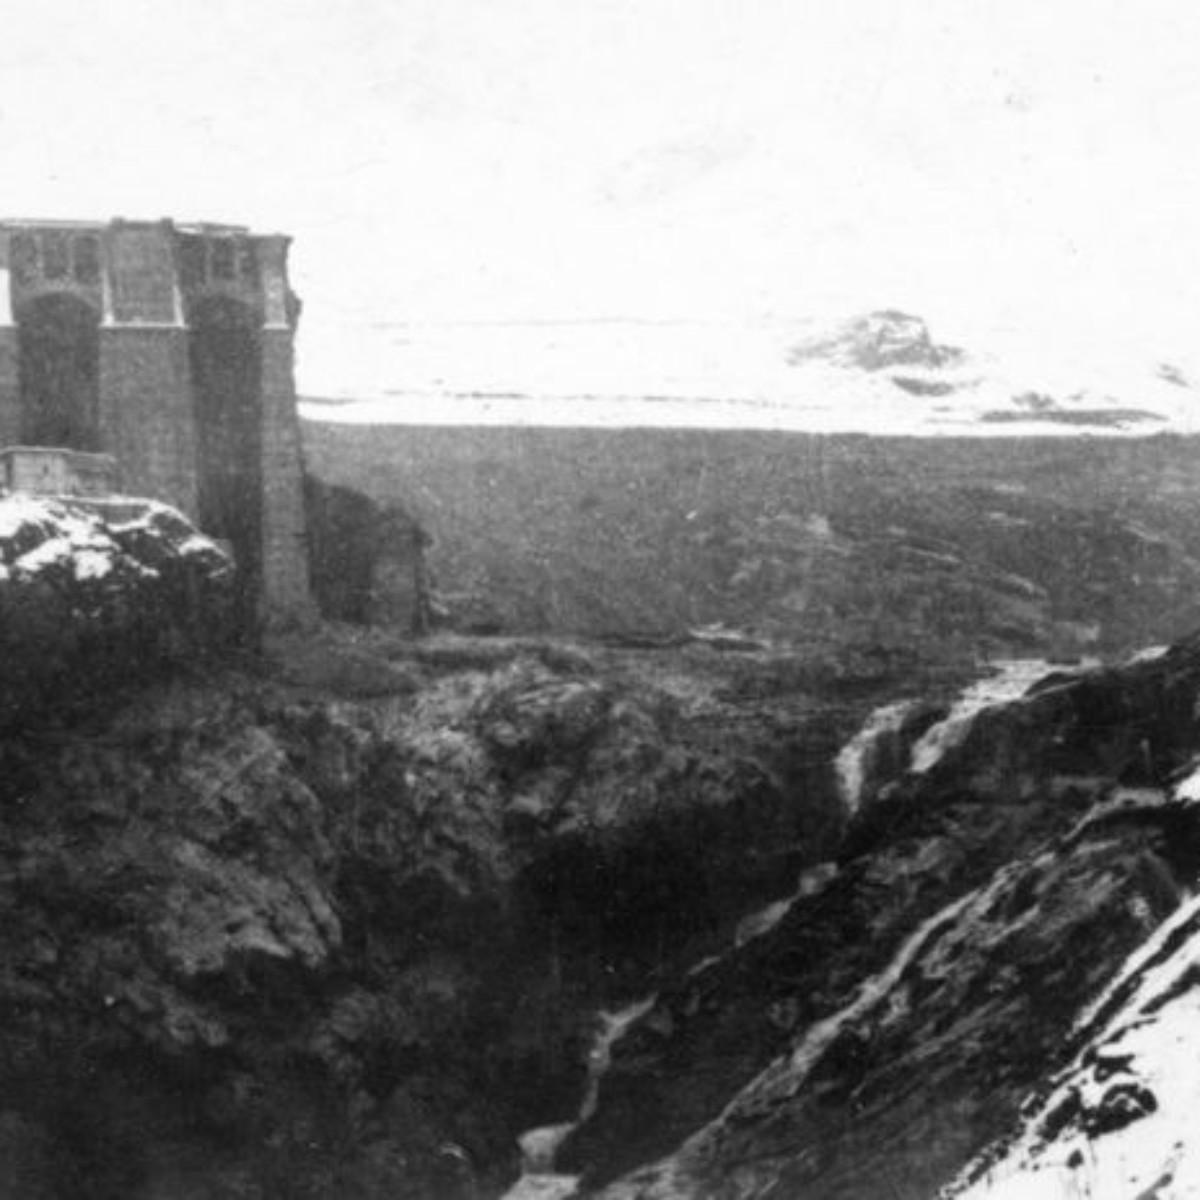 1 dicembre 1923 ore 10. La breccia nella diga e l'invaso svuotato